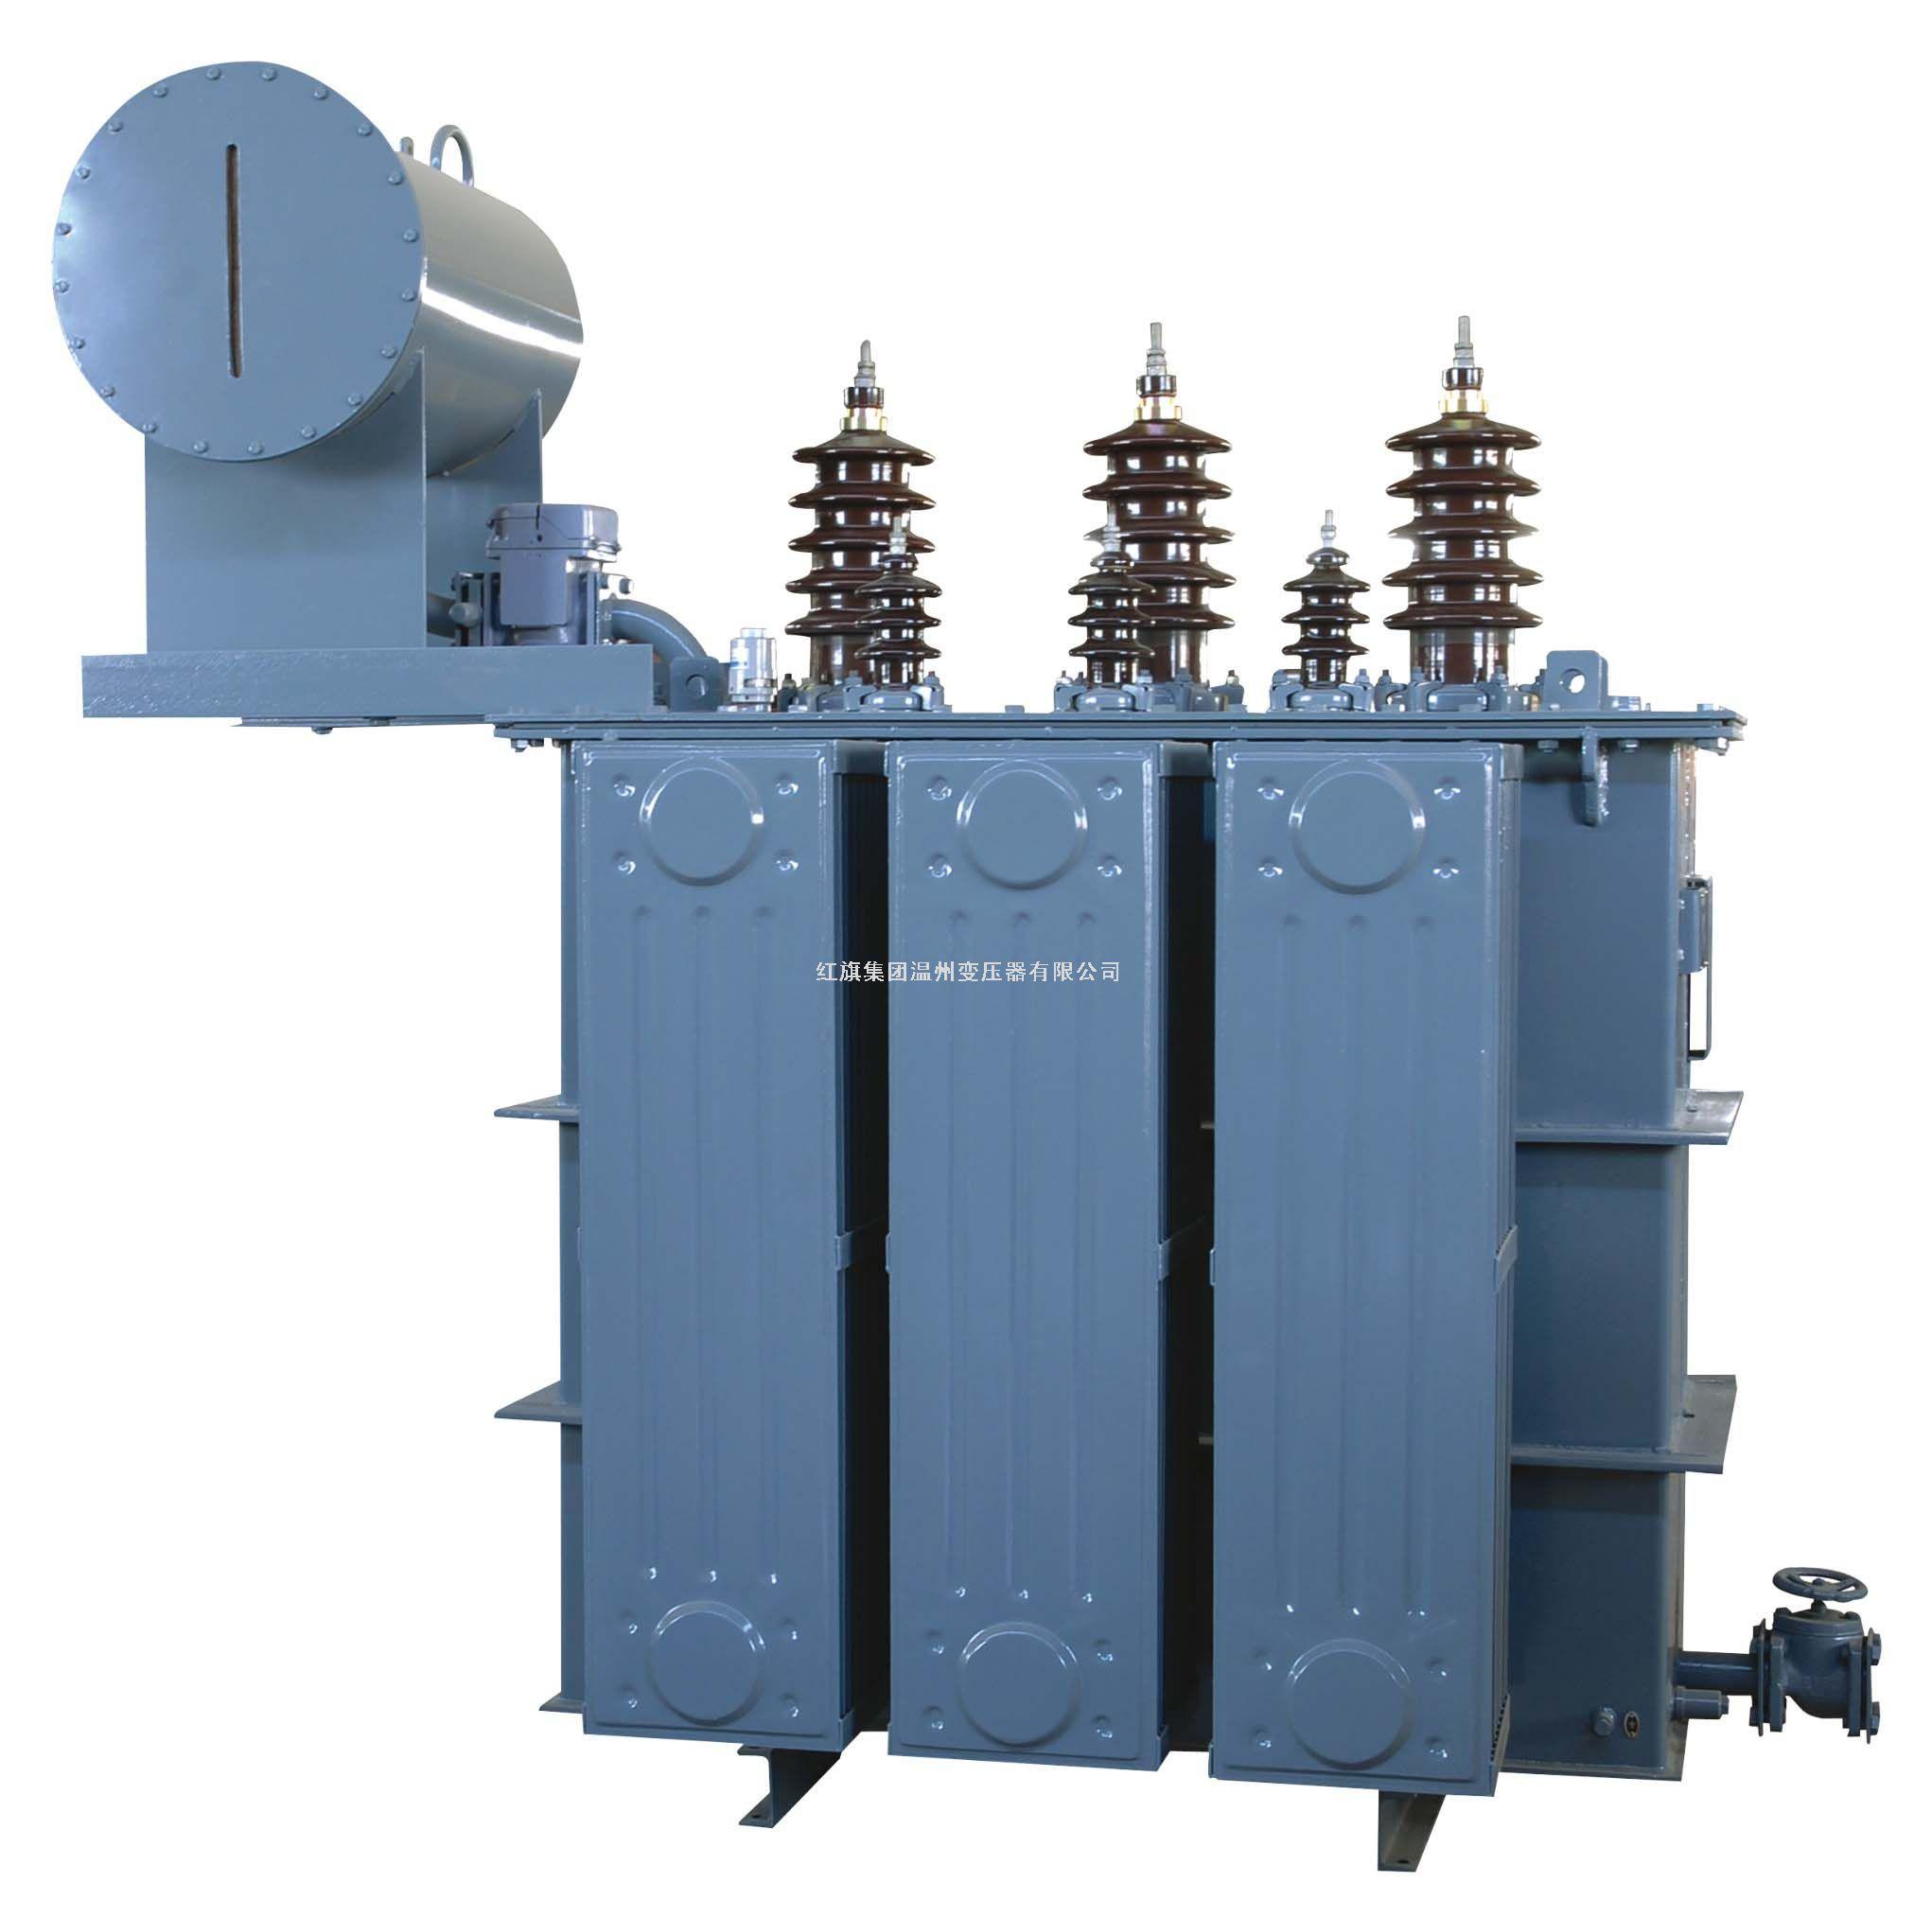 高过载能力配电变压器结构设计要点